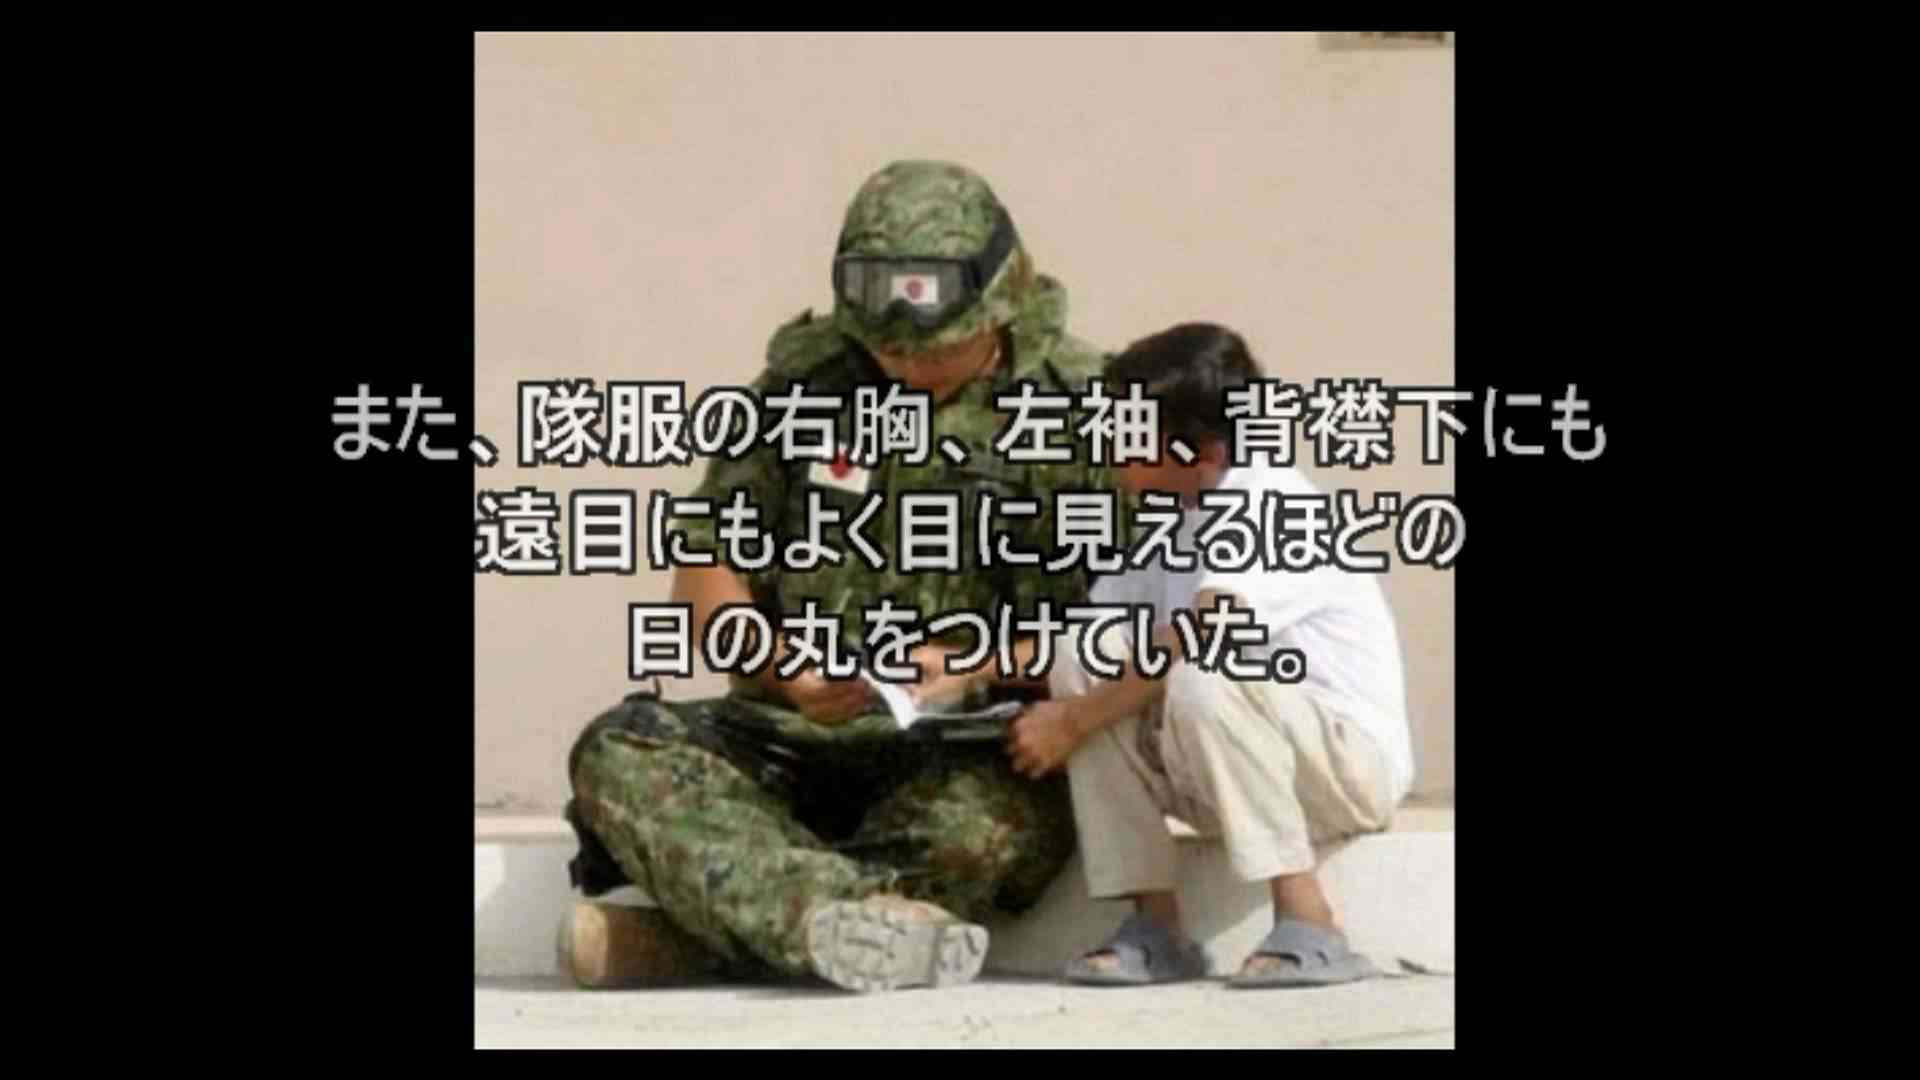 親日国 前代未聞の『感謝デモ』 【日本再生】 - YouTube